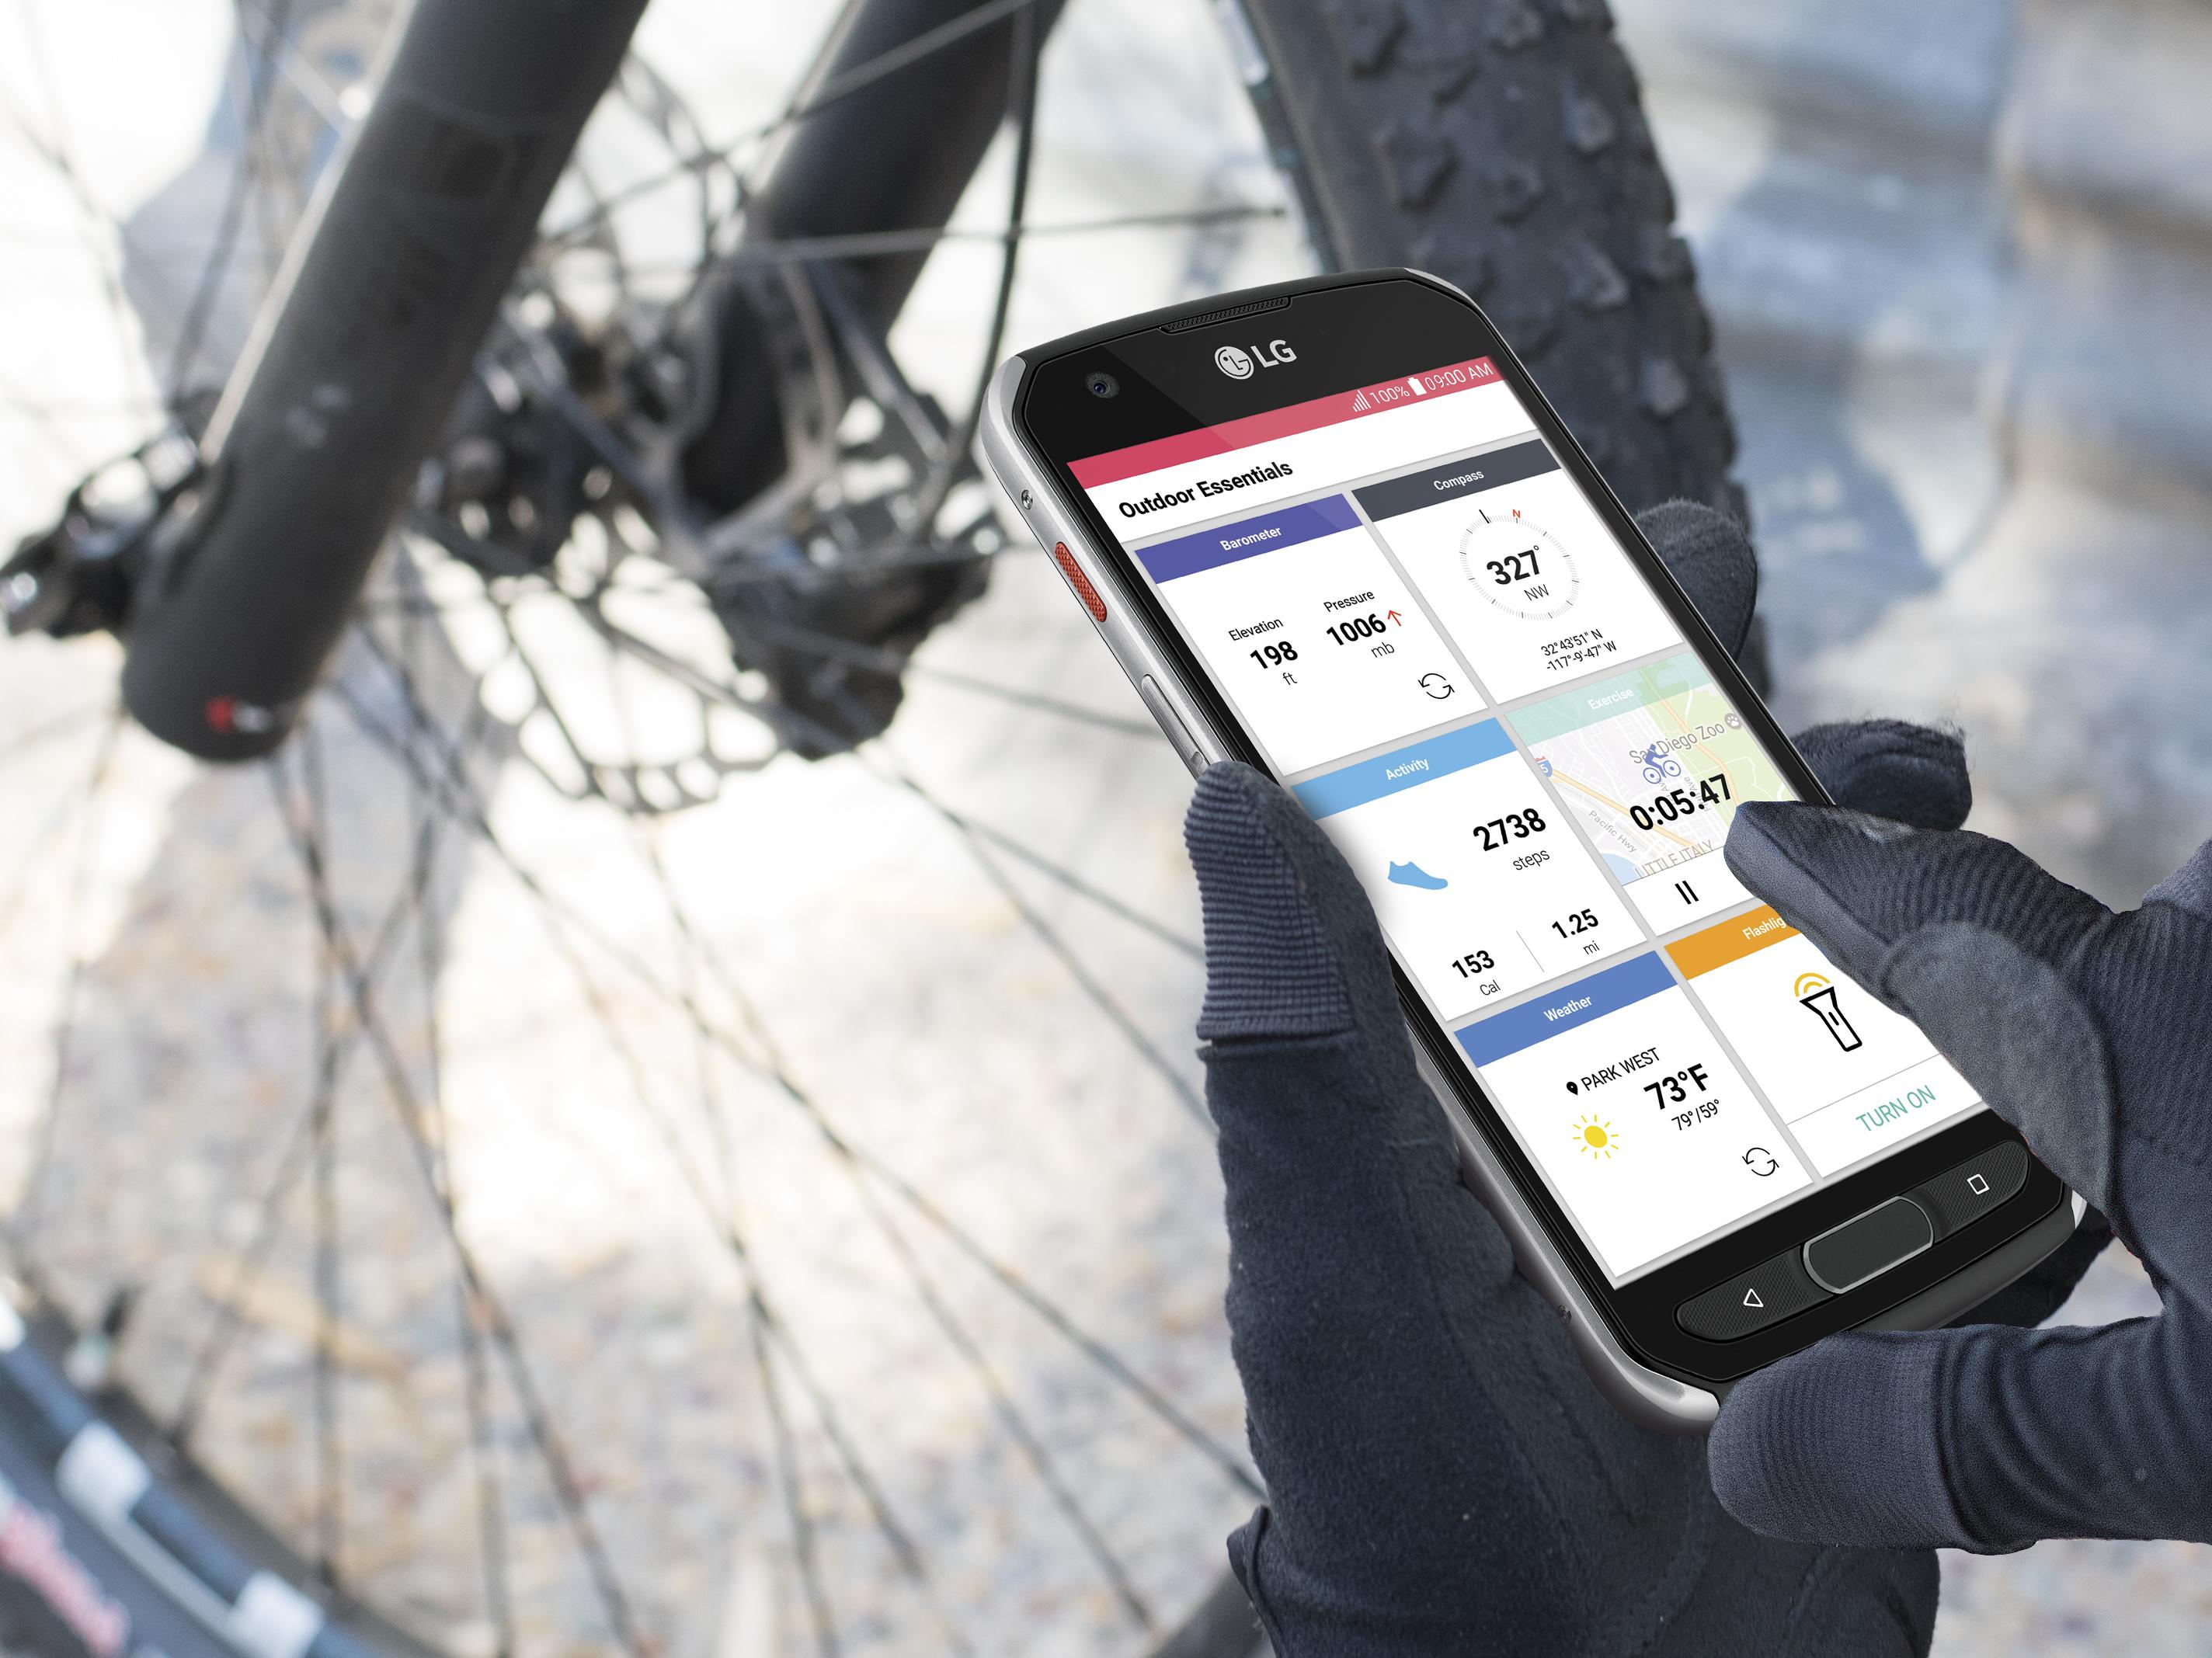 گوشی جدید LG X VENTURE با طراحی خاصش برای یک زندگی پر جنبوجوش، هرجا بروید با شما خواهد آمد